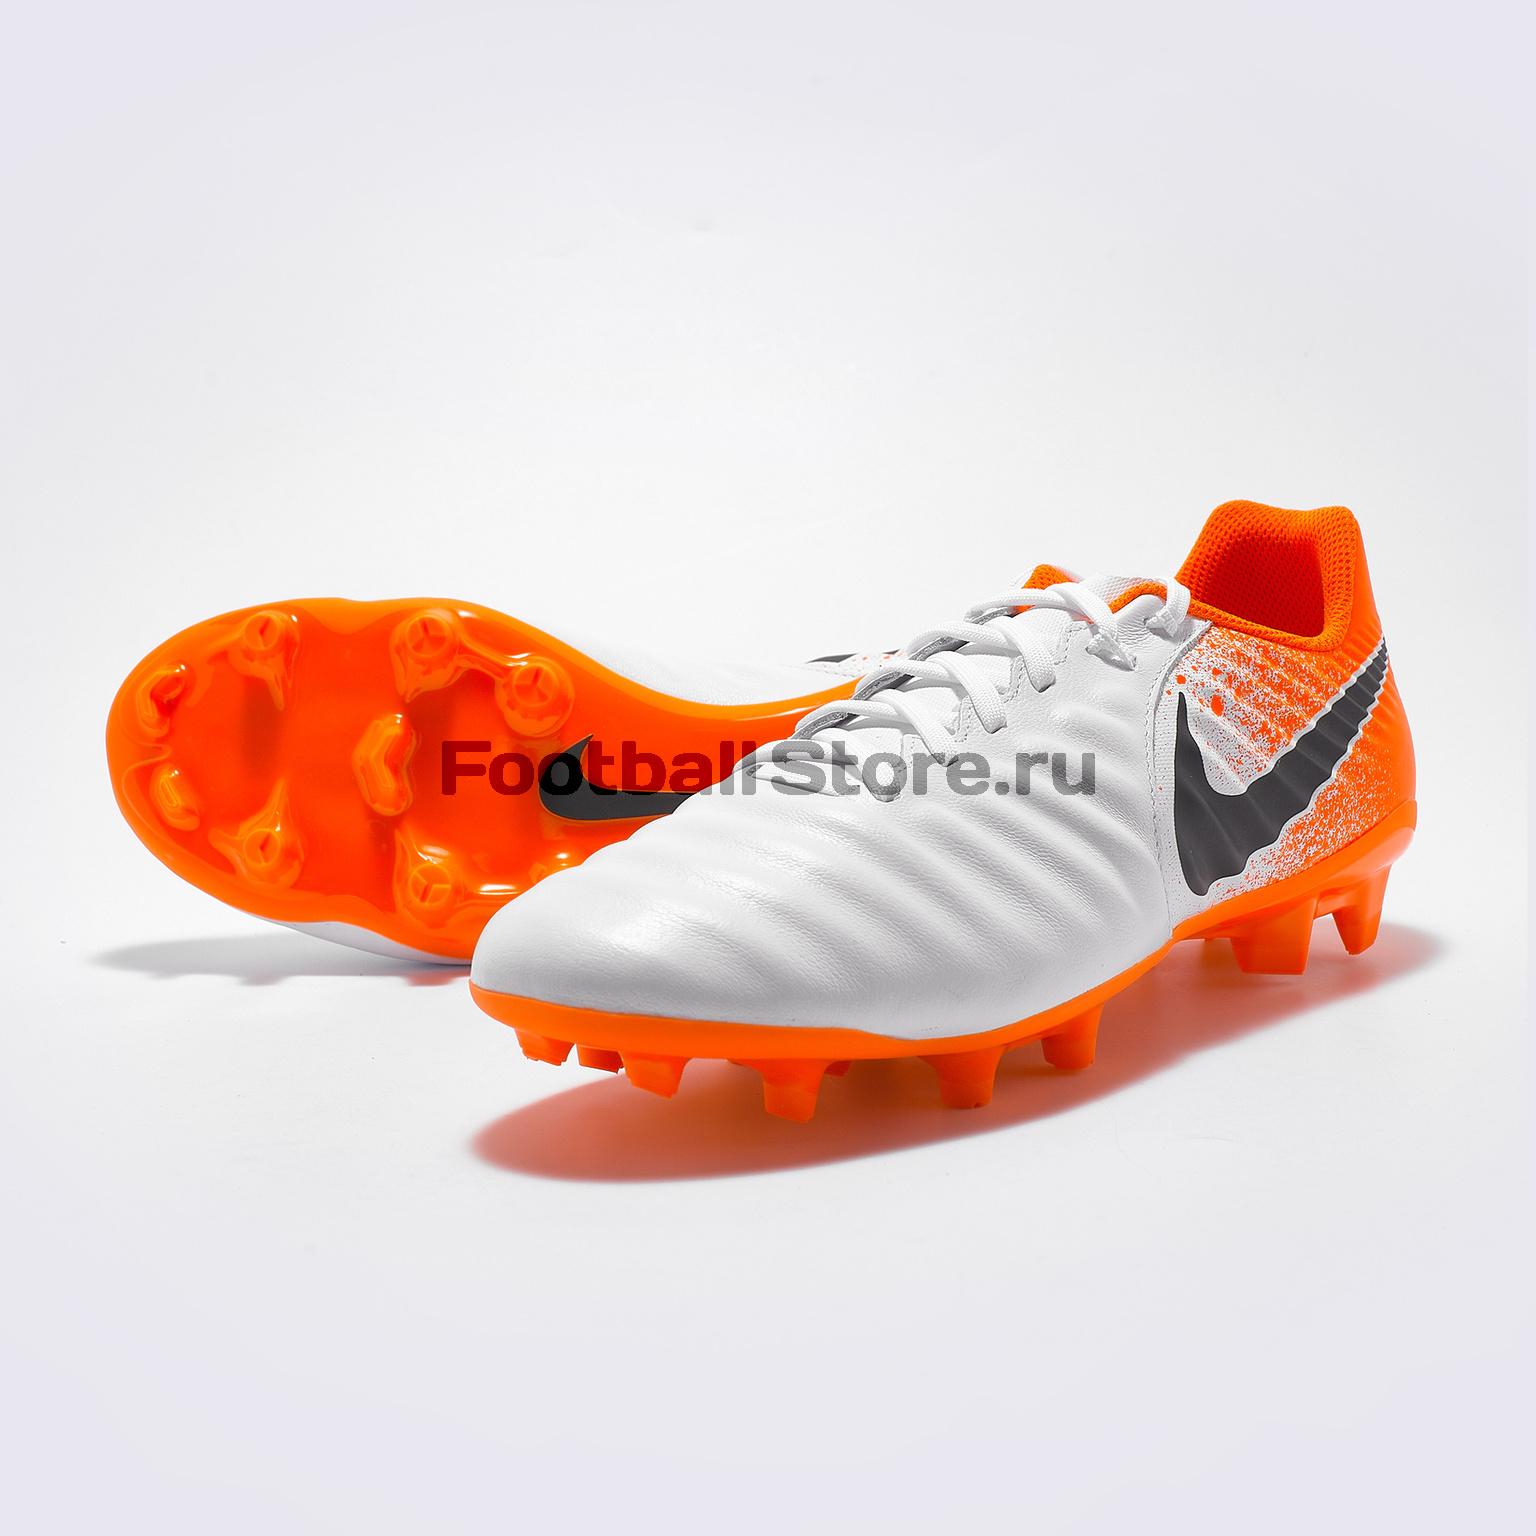 Бутсы Nike Legend 7 Academy FG AH7242-118 бутсы для мальчика nike jr legend 7 academy fg цвет белый ah7254 107 размер 12c 28 5